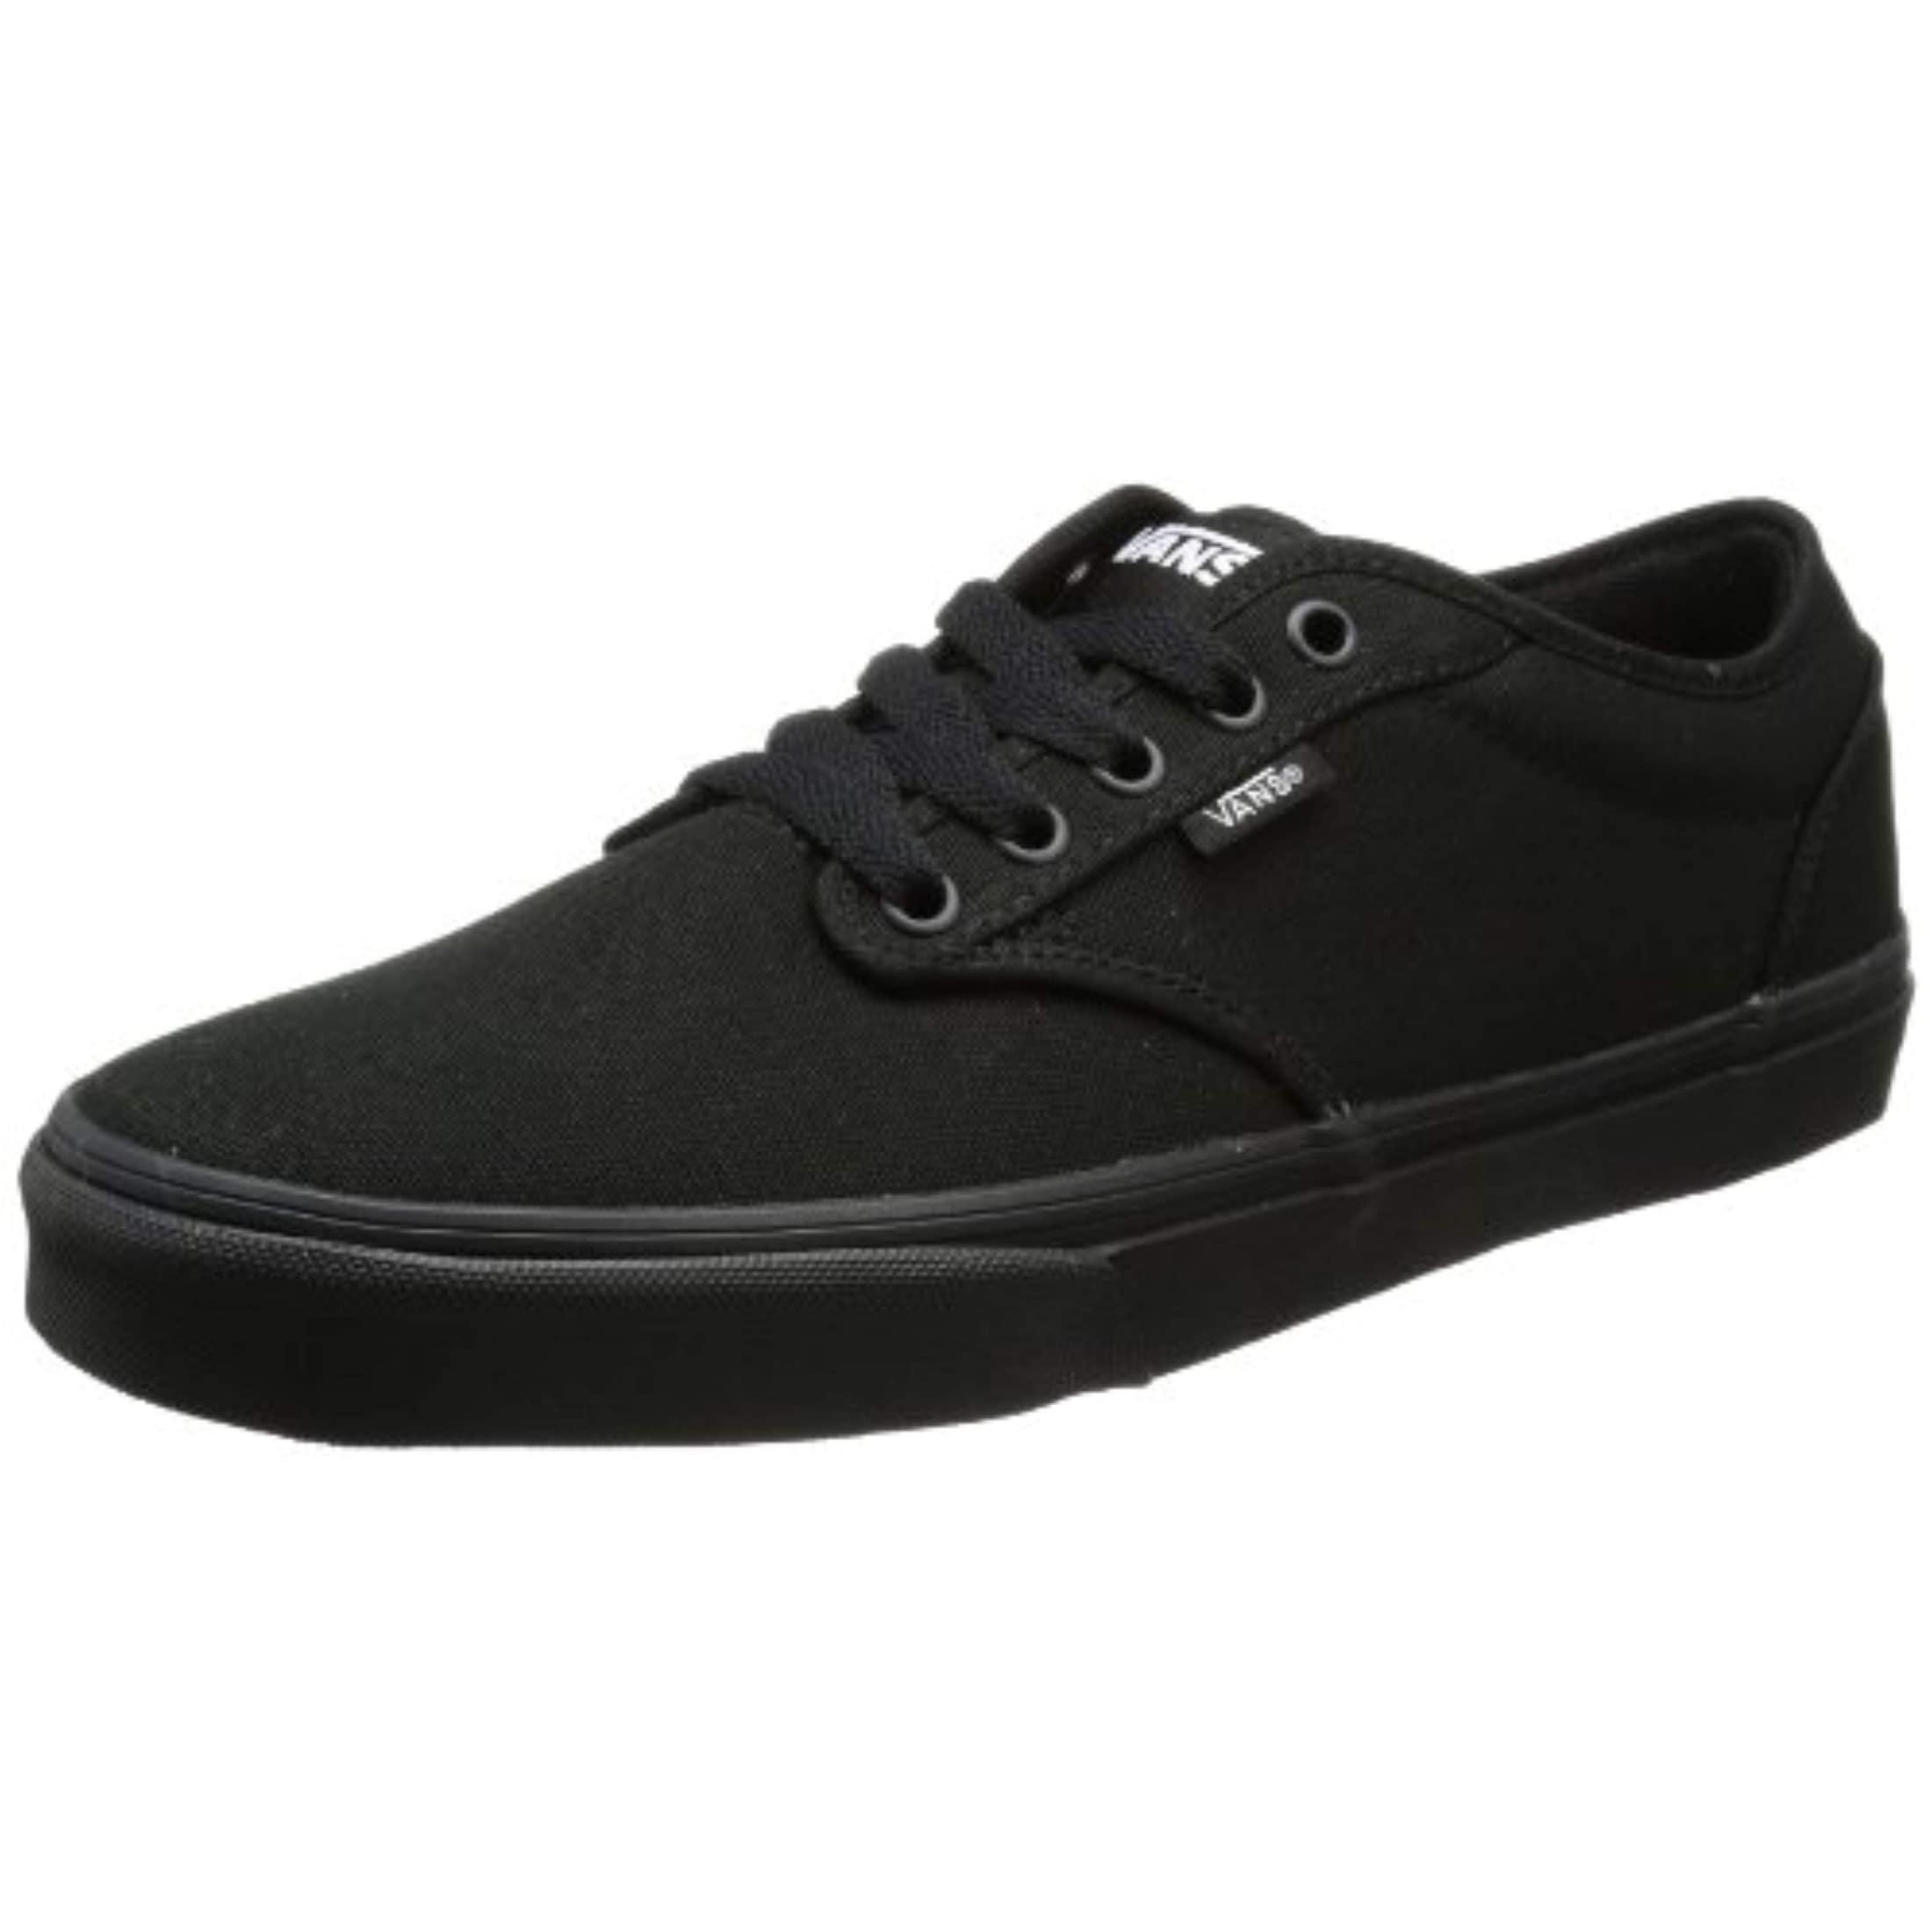 9f8cdc42a57a36 Size 10.5 Vans Men s Shoes